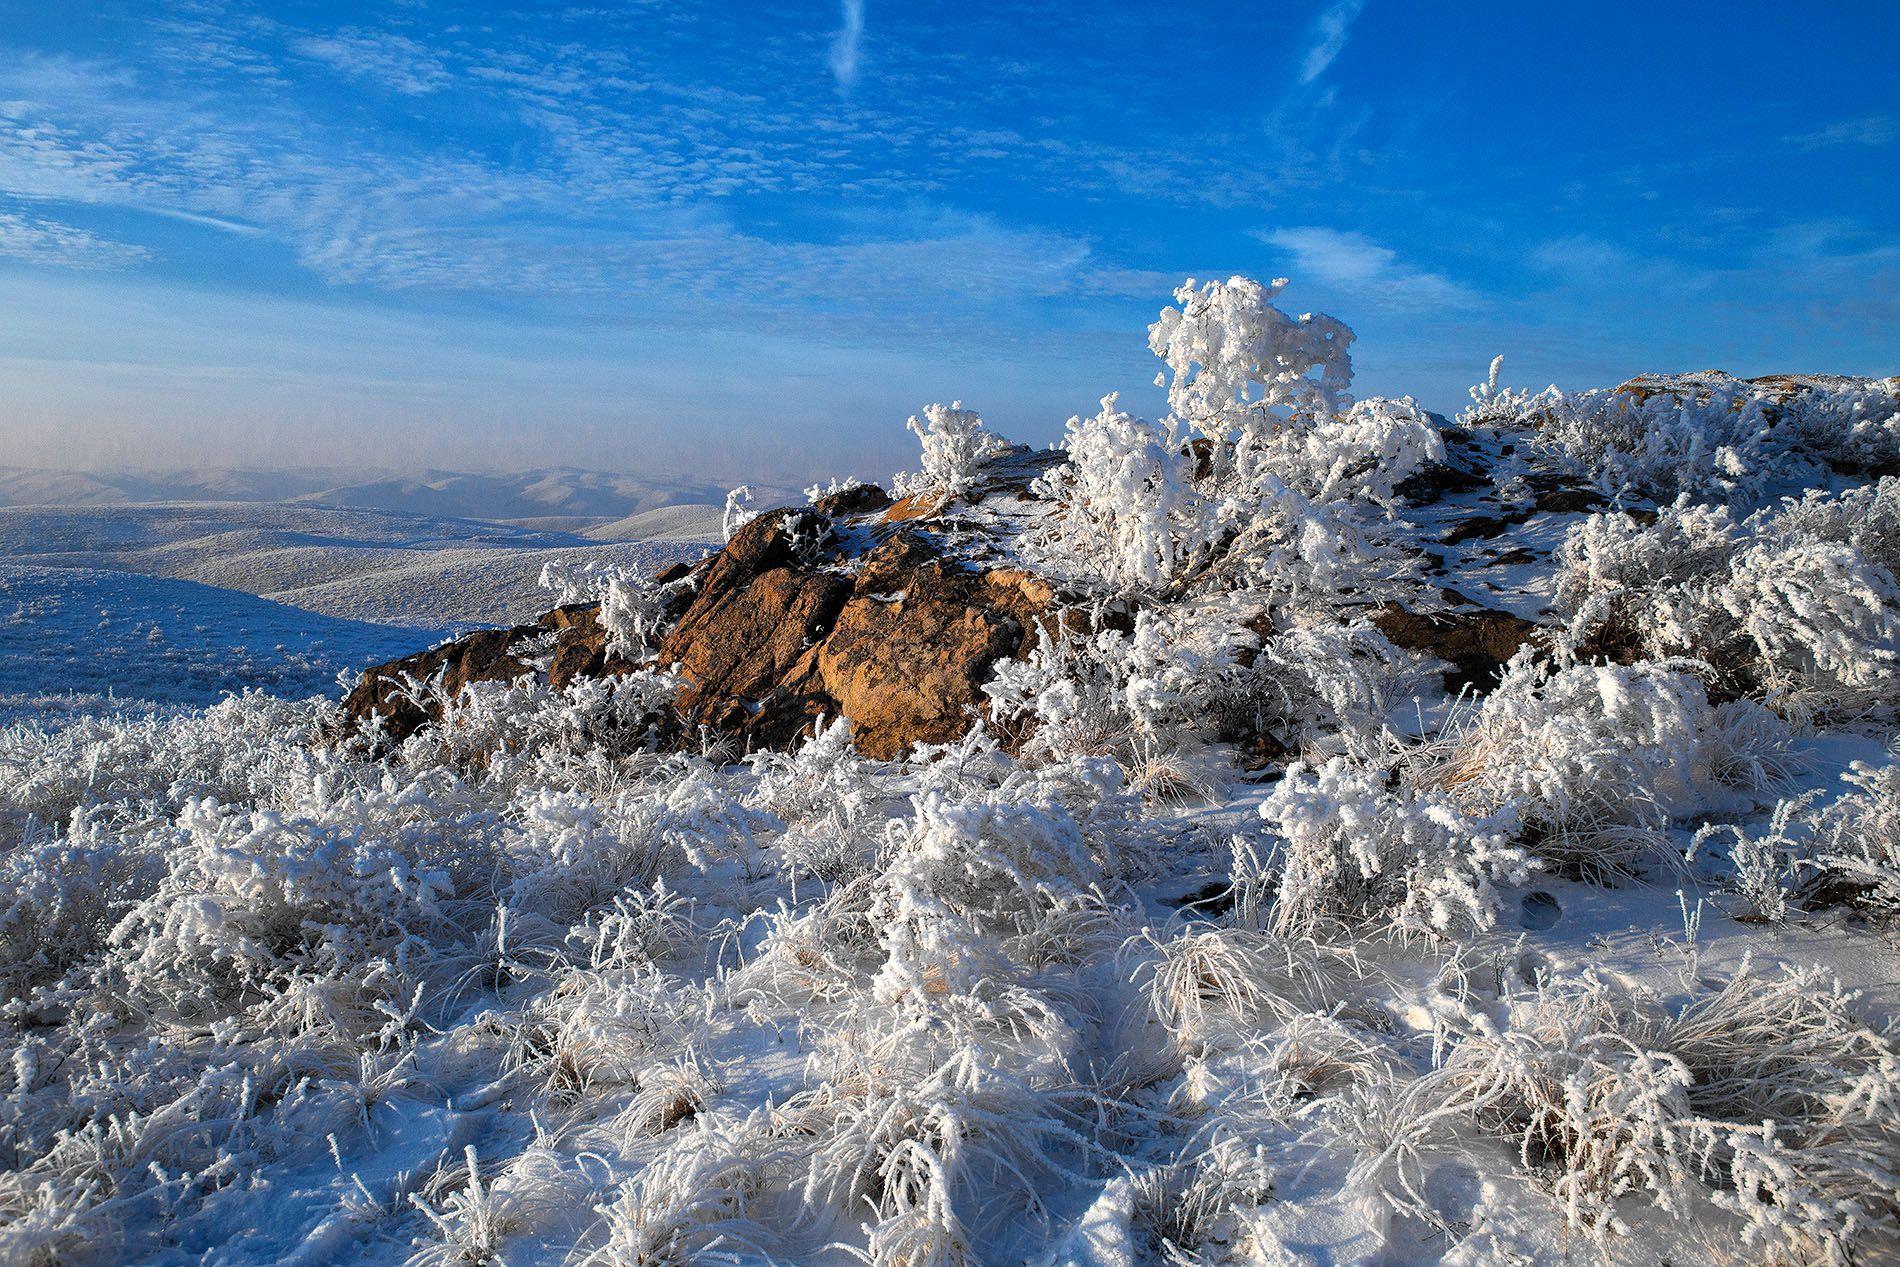 иней зима степи изморось снег скалы степи, Качурин Алексей